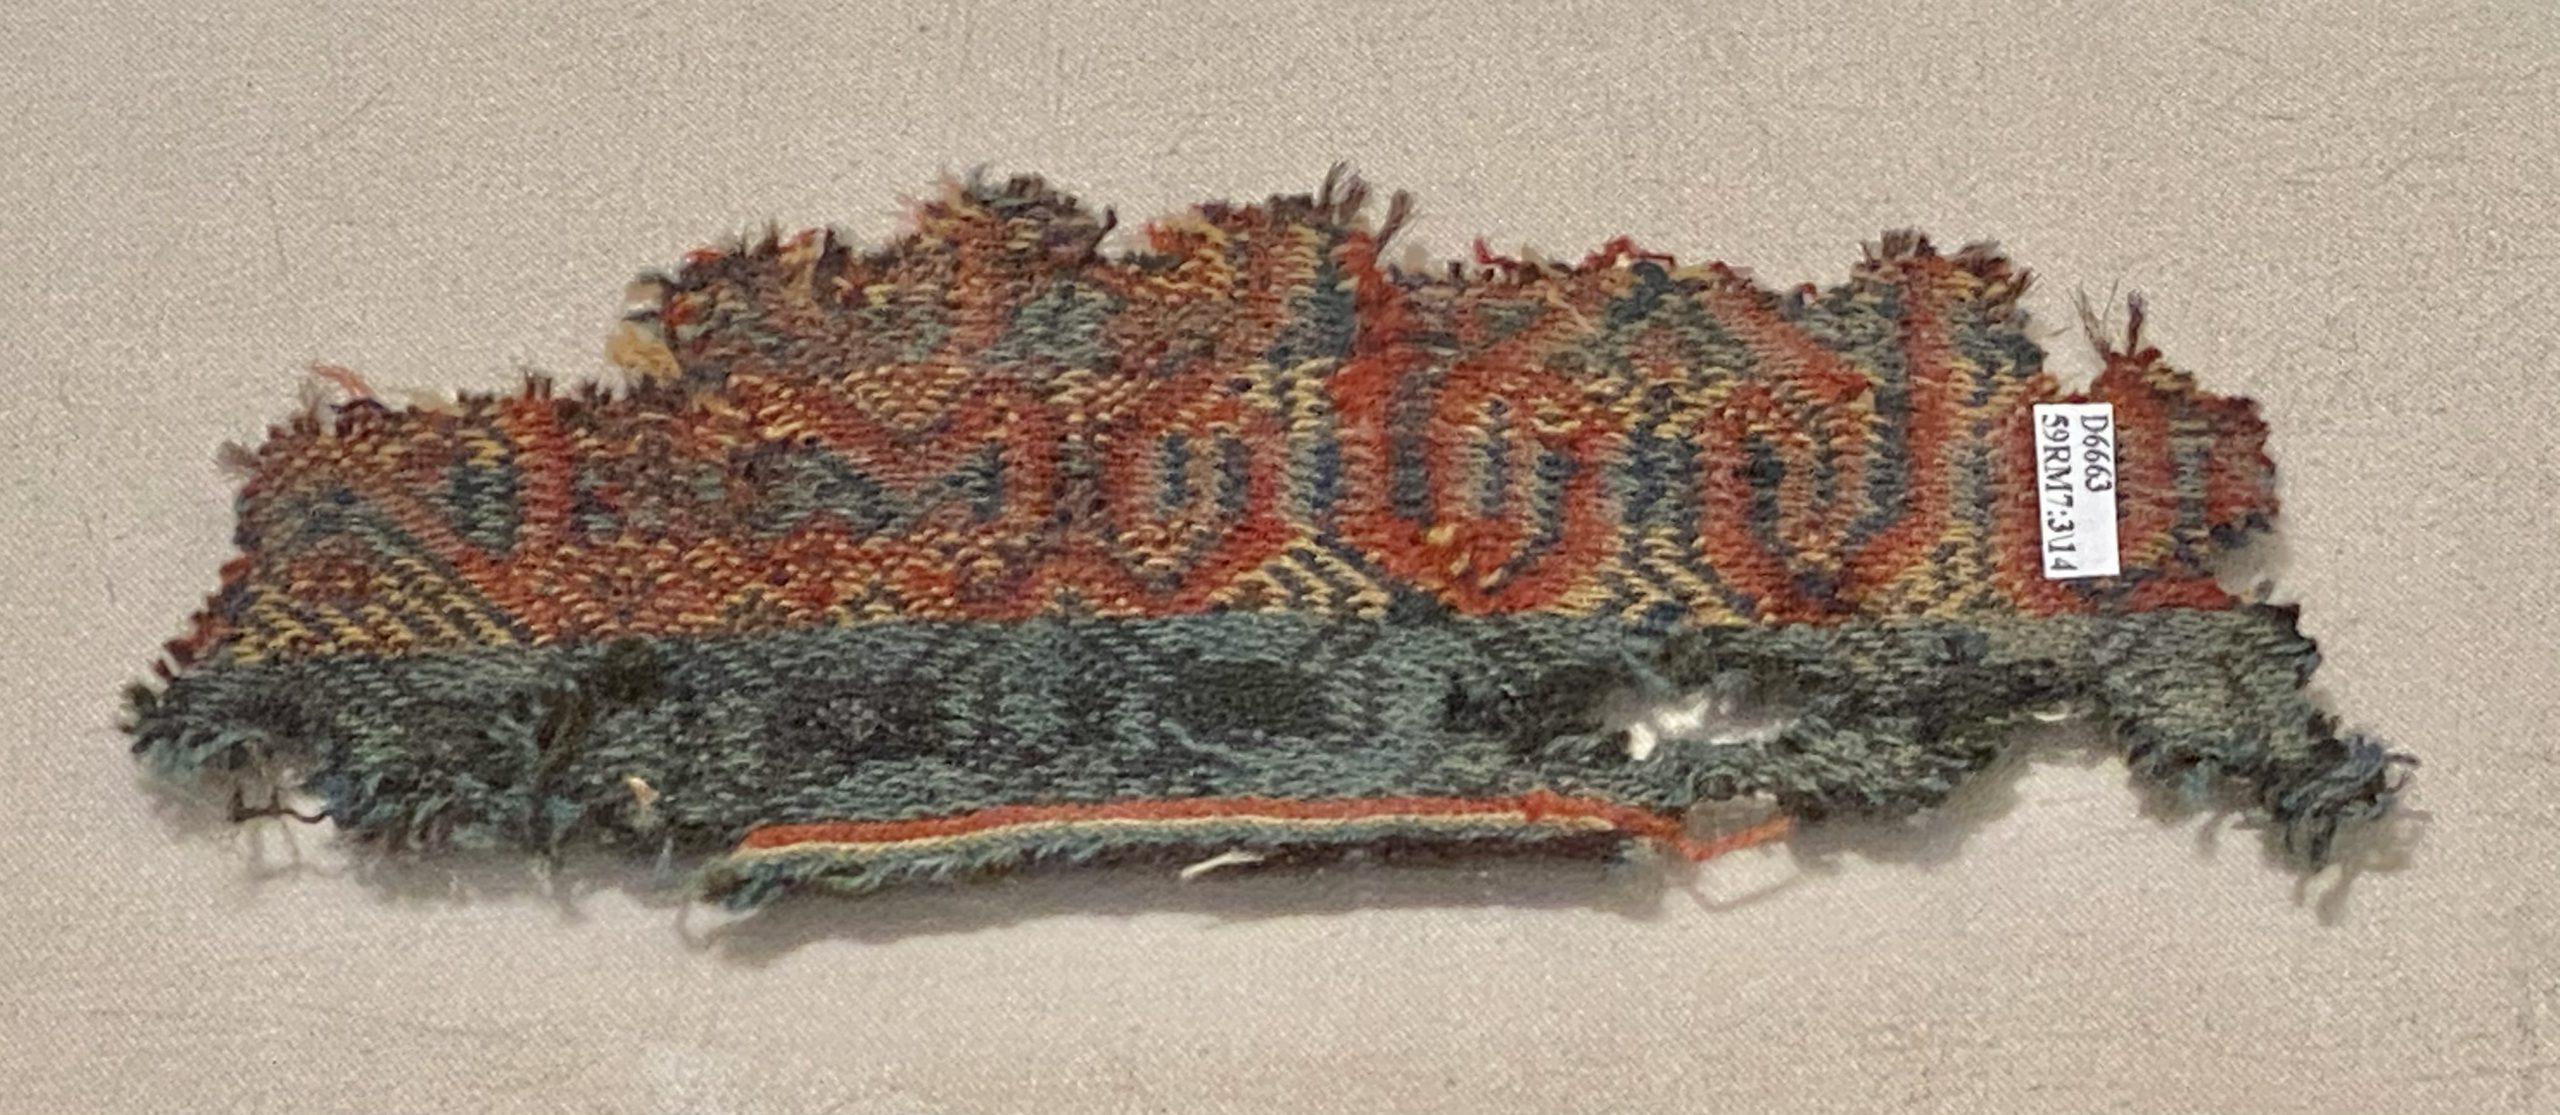 幾何獣紋毛毯-唐時代-巡回特別展【天歌長歌-唐蕃古道】-四川博物館